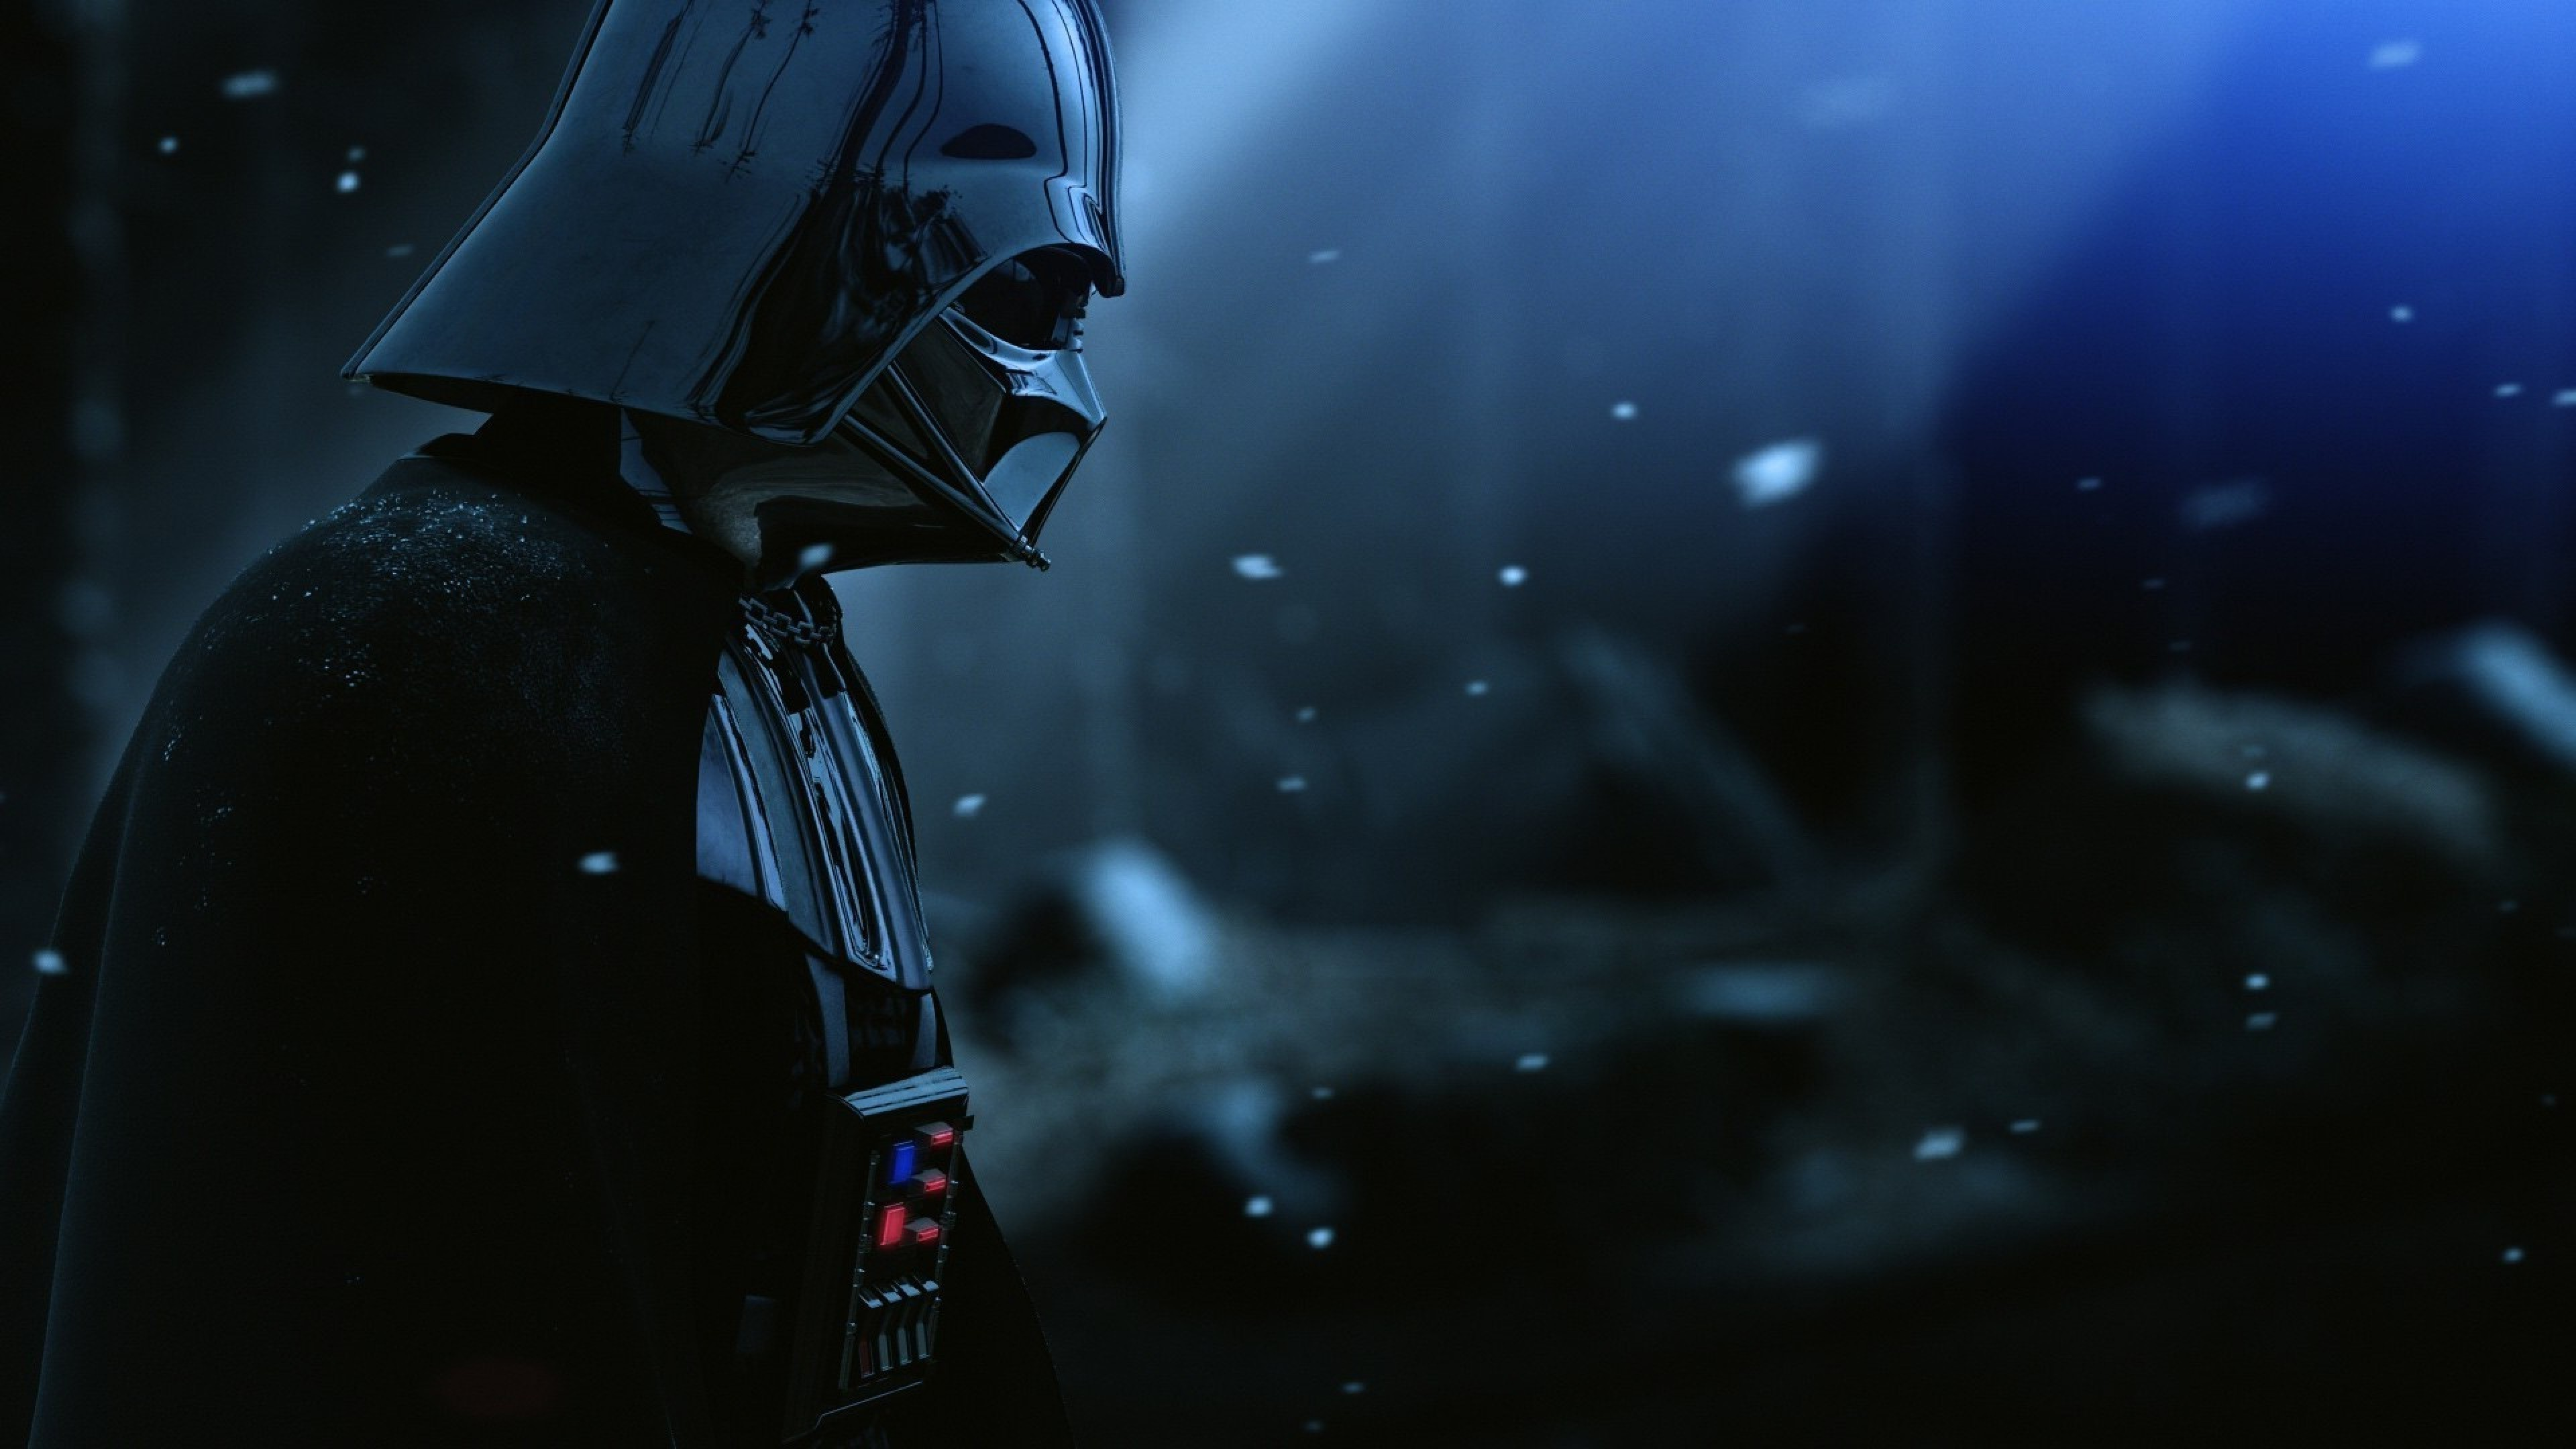 Darth Vader Wallpaper Windows 10